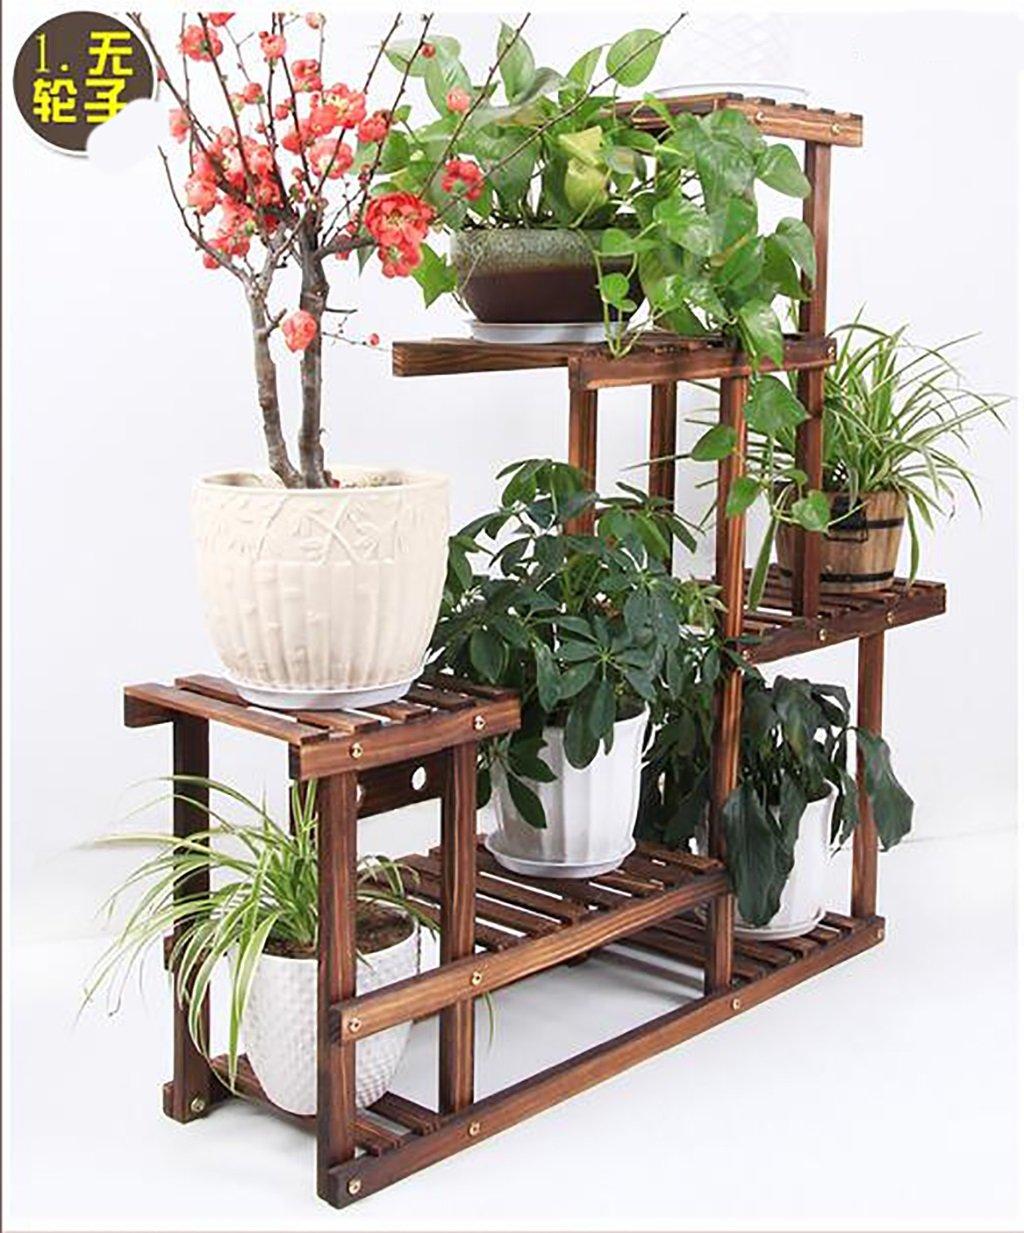 Antiséptico madera flor florero de madera sólida de estante estantes de protección del medio ambiente anticorrosión carbonizado para plantas flores Pot ...